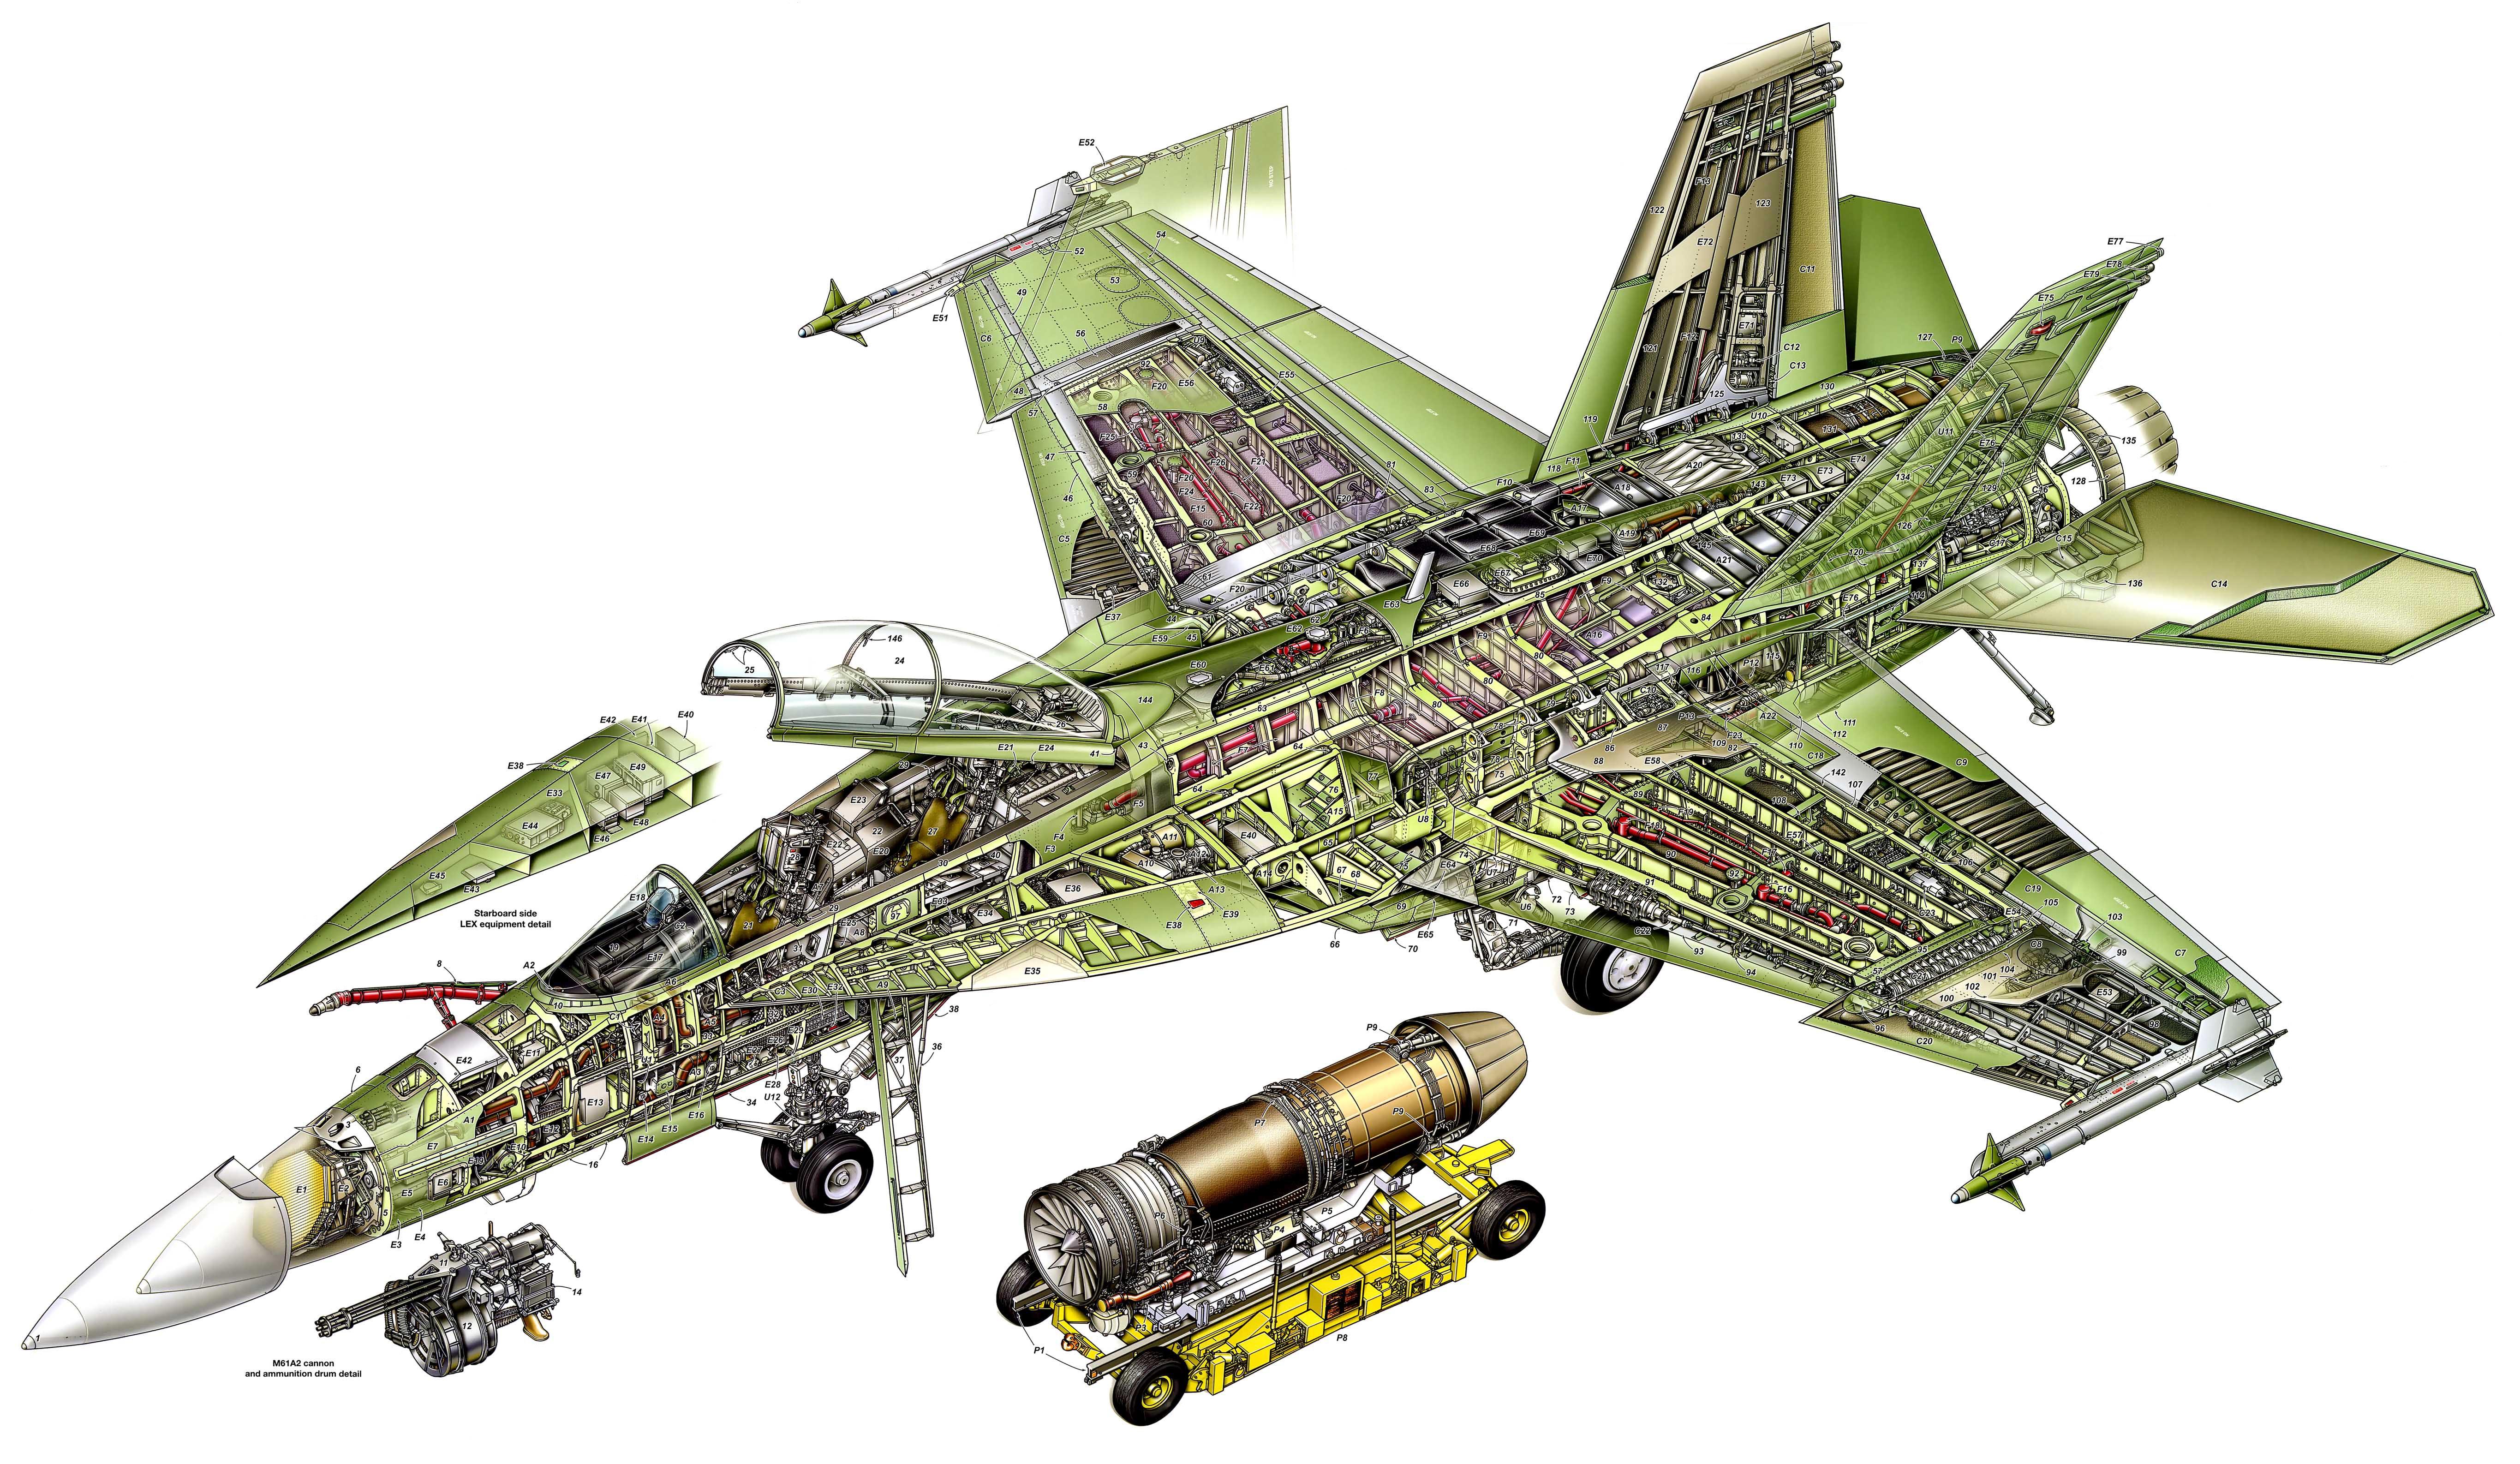 Boeing F/A-18E/F Super Hornet cutaway